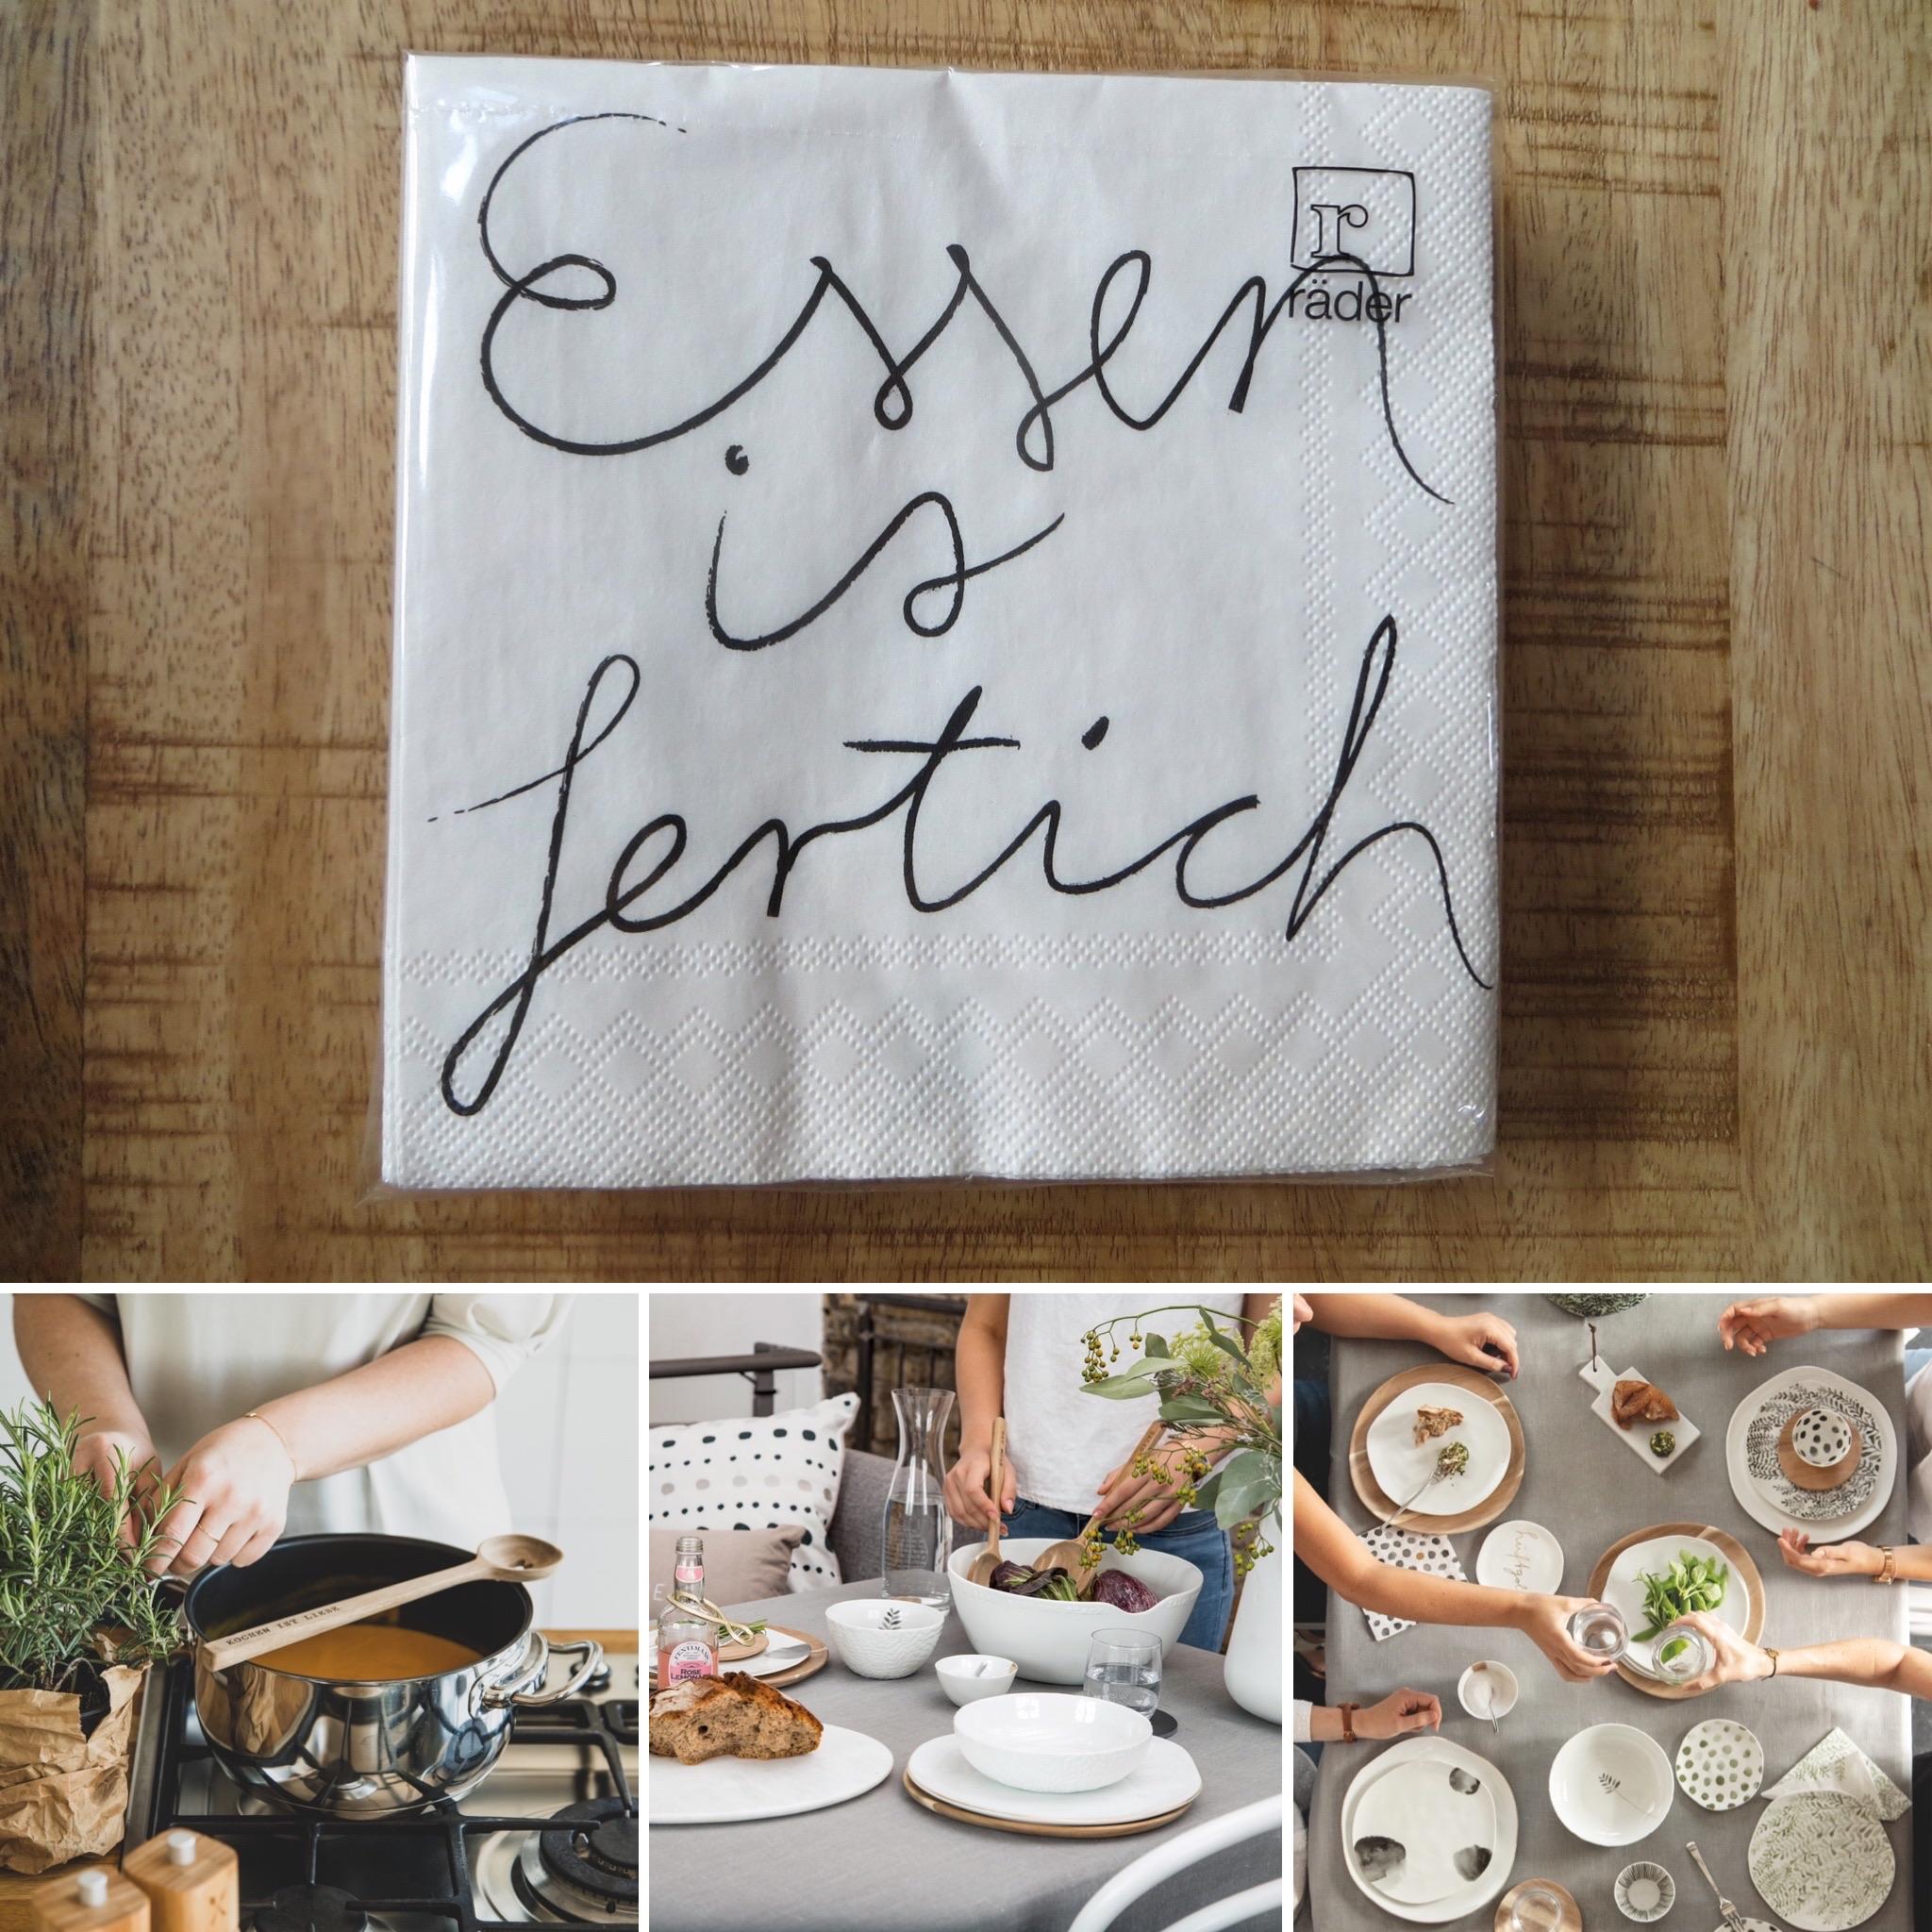 Partybedarfpartydeko - Servietten Essen ist fertich 25cm räder - Onlineshop Tante Emmer